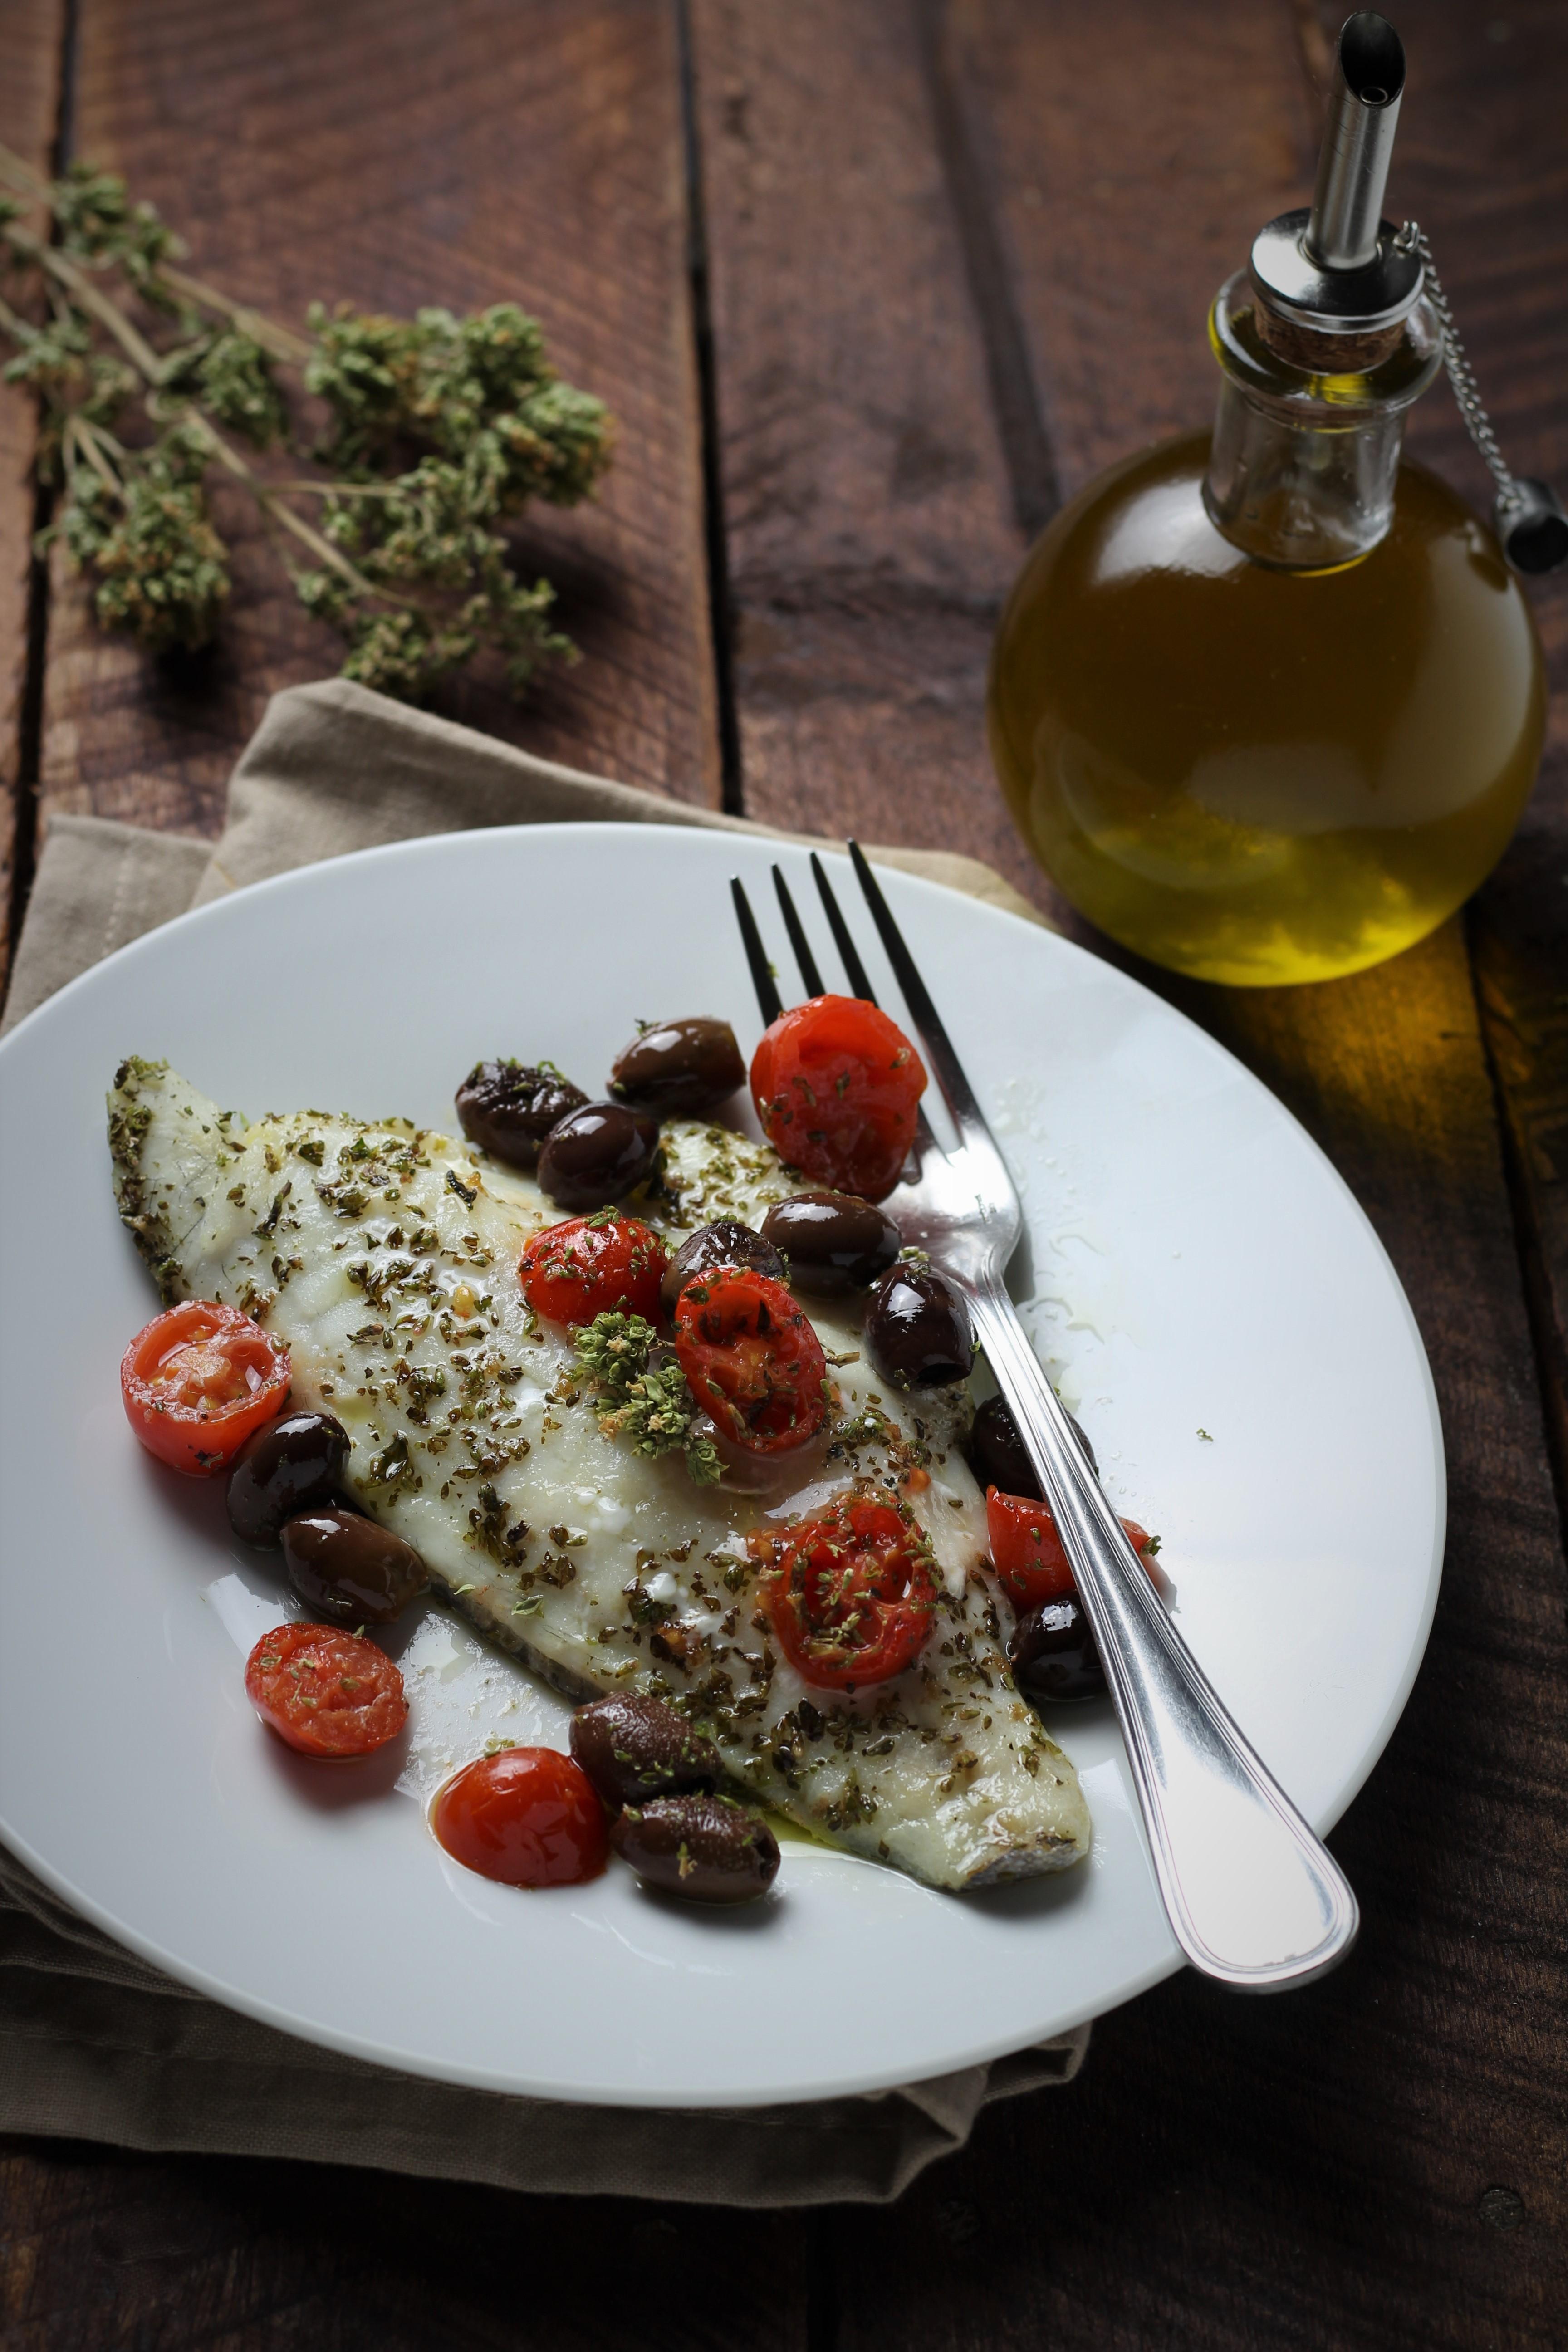 Filetti di branzino al forno con olive taggiasche e for Cucinare branzino